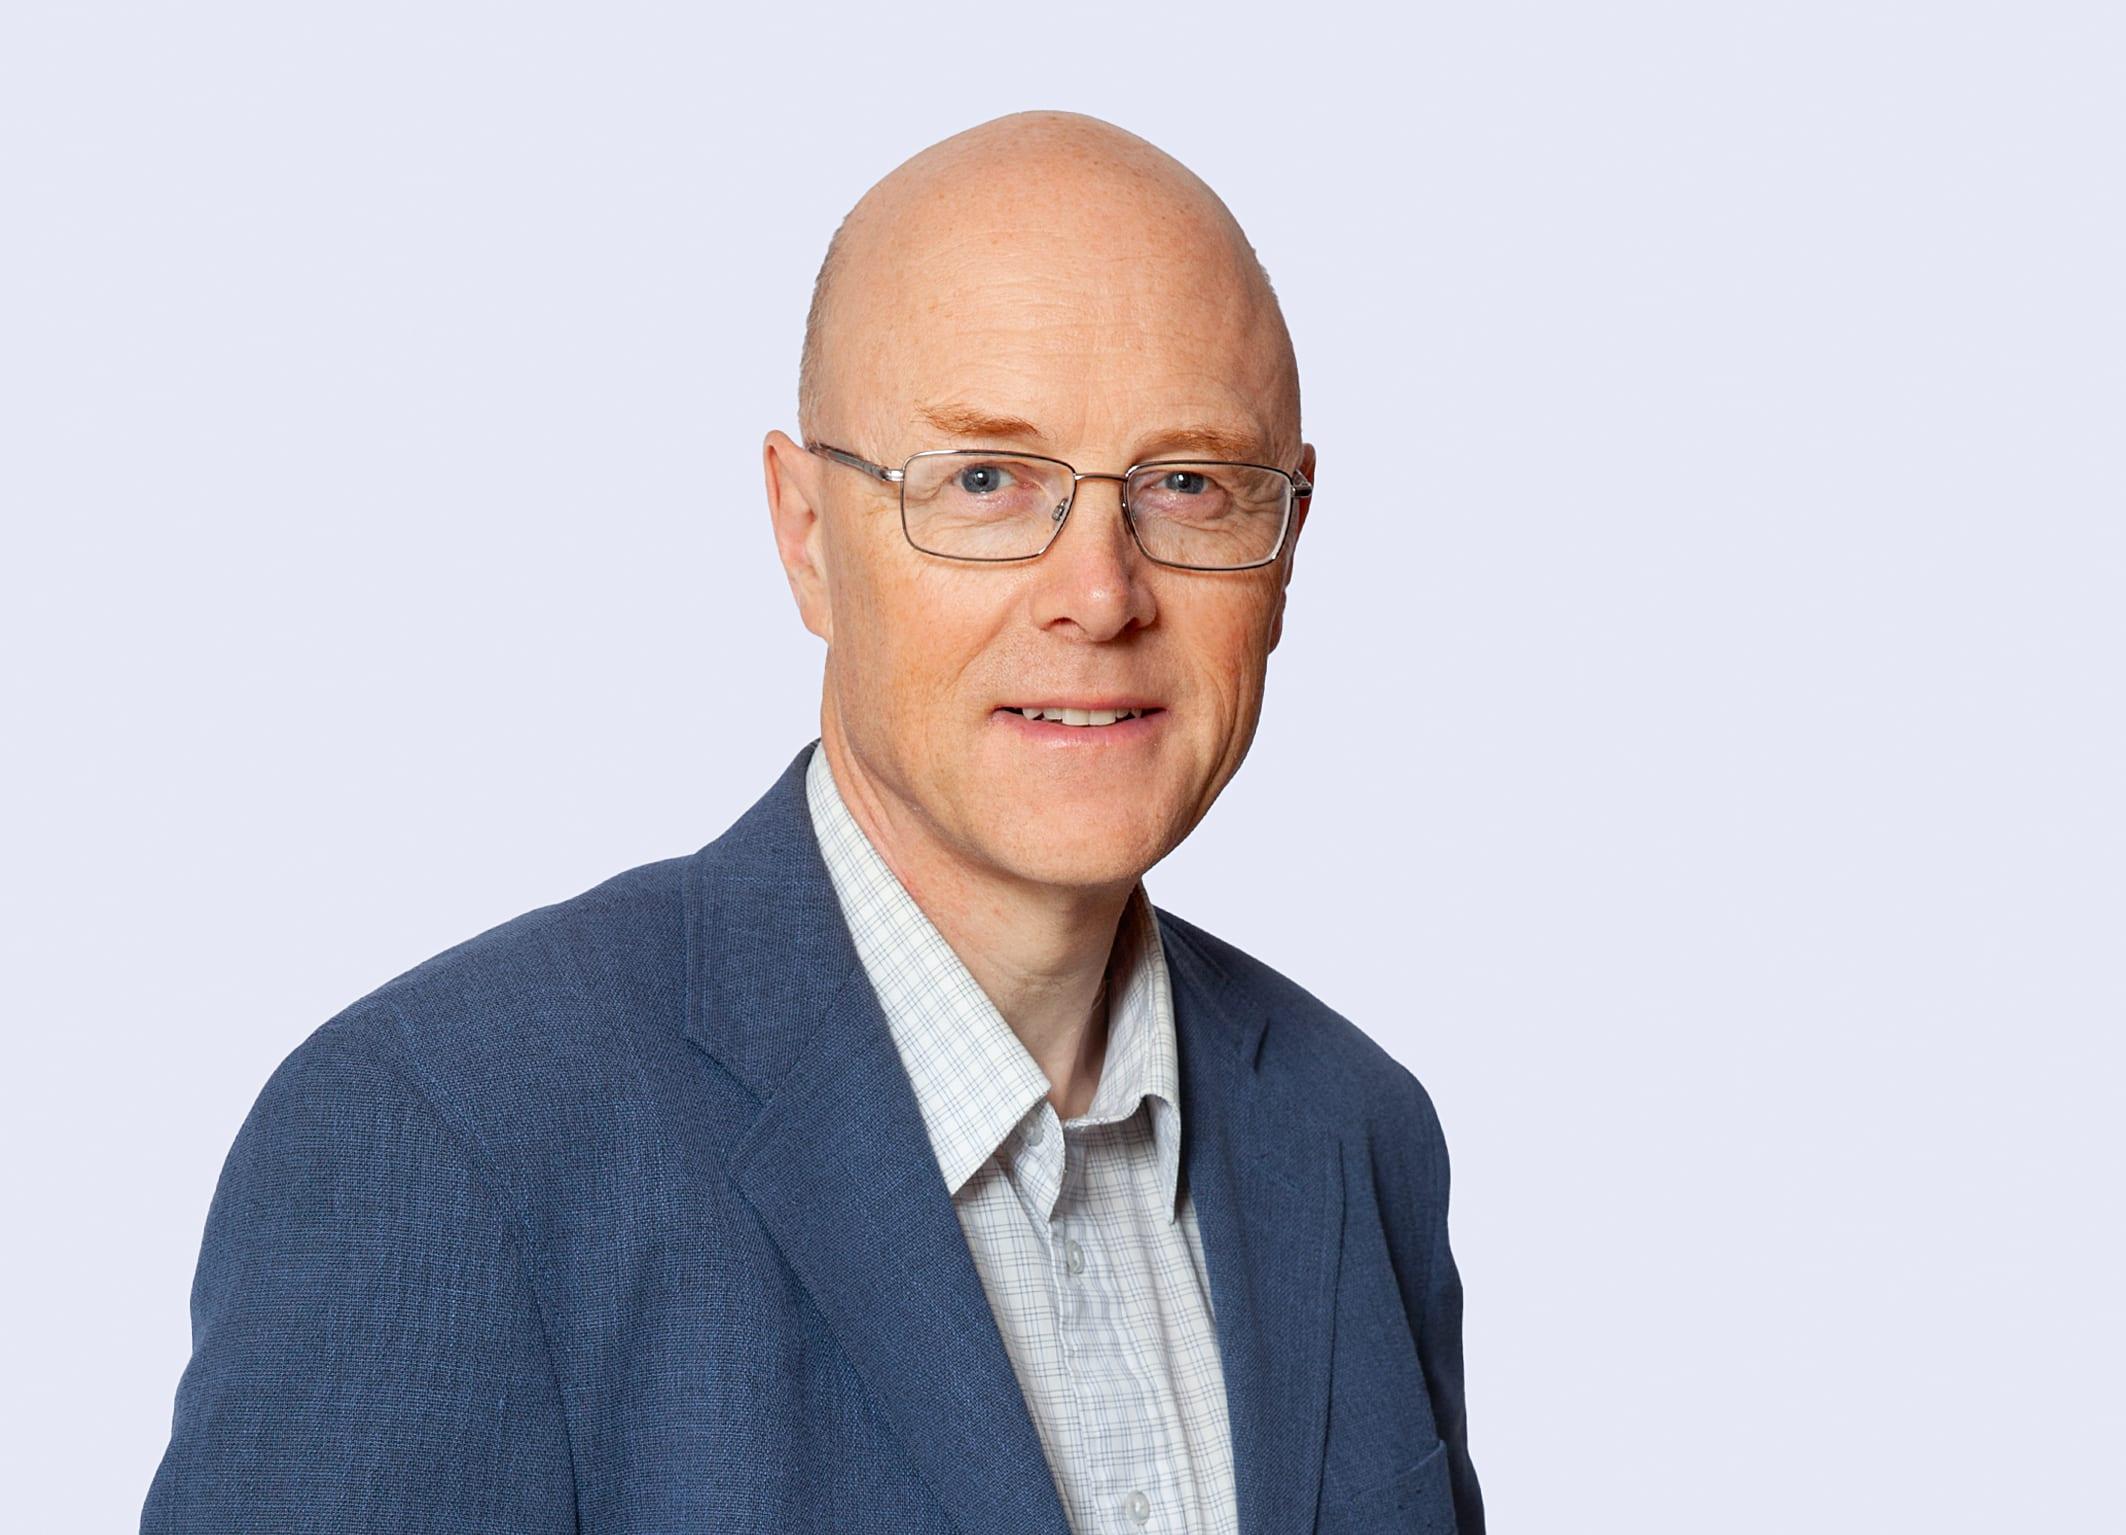 Jan Inge Roald